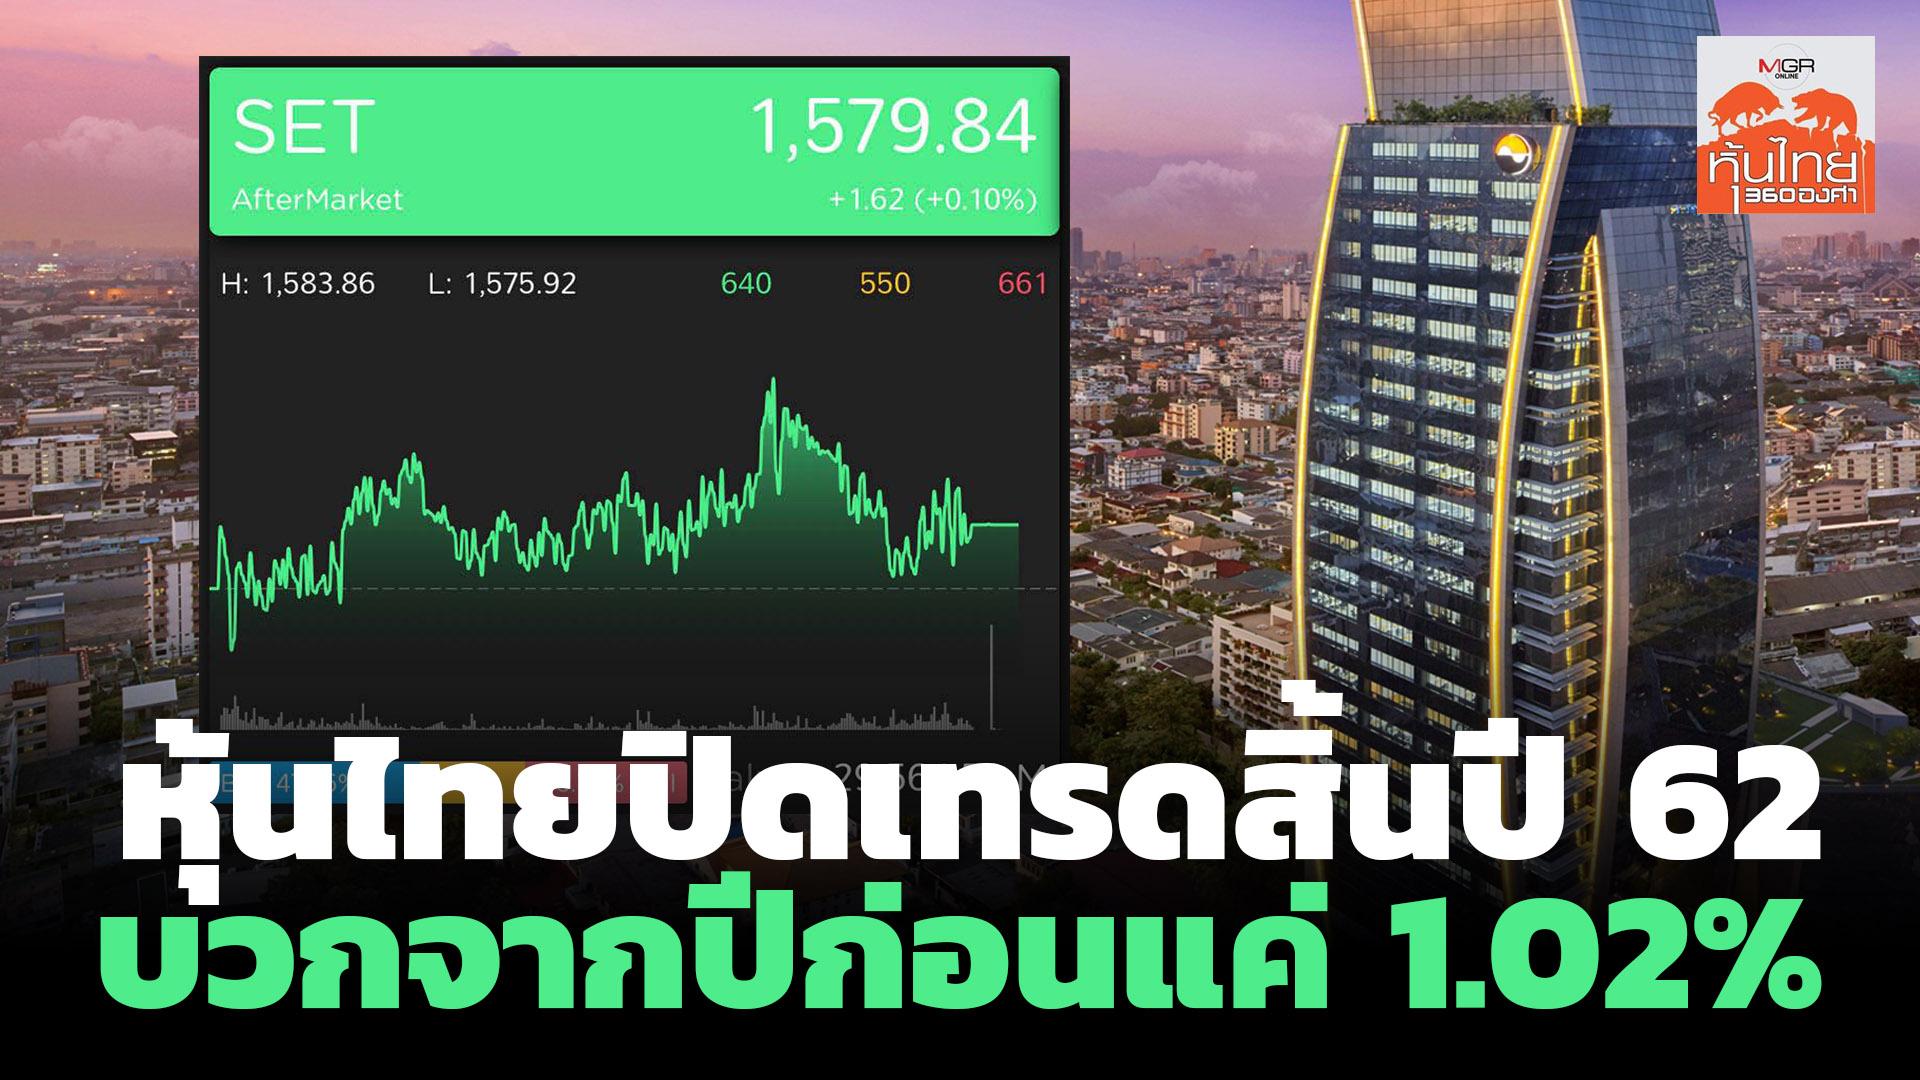 หุ้นไทยปิดกระดานซื้อขายสิ้นปี 62 บวกจากปีก่อนแค่ 1.02%